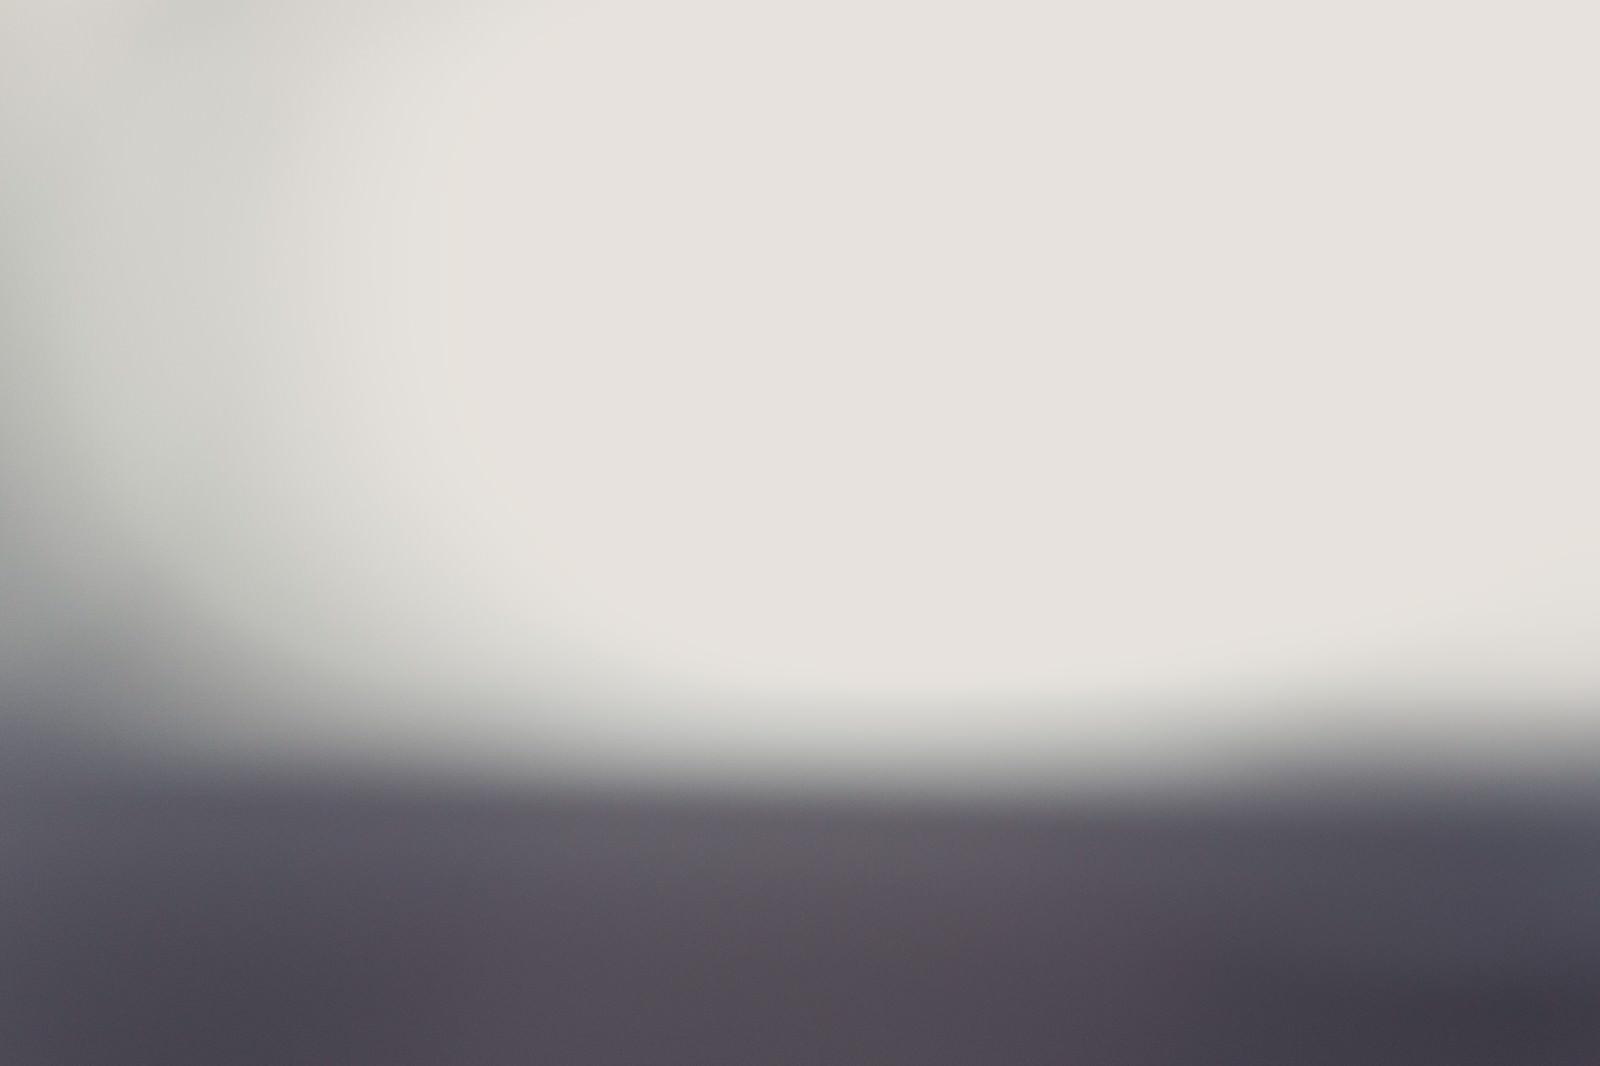 「窓ぎわの光」の写真